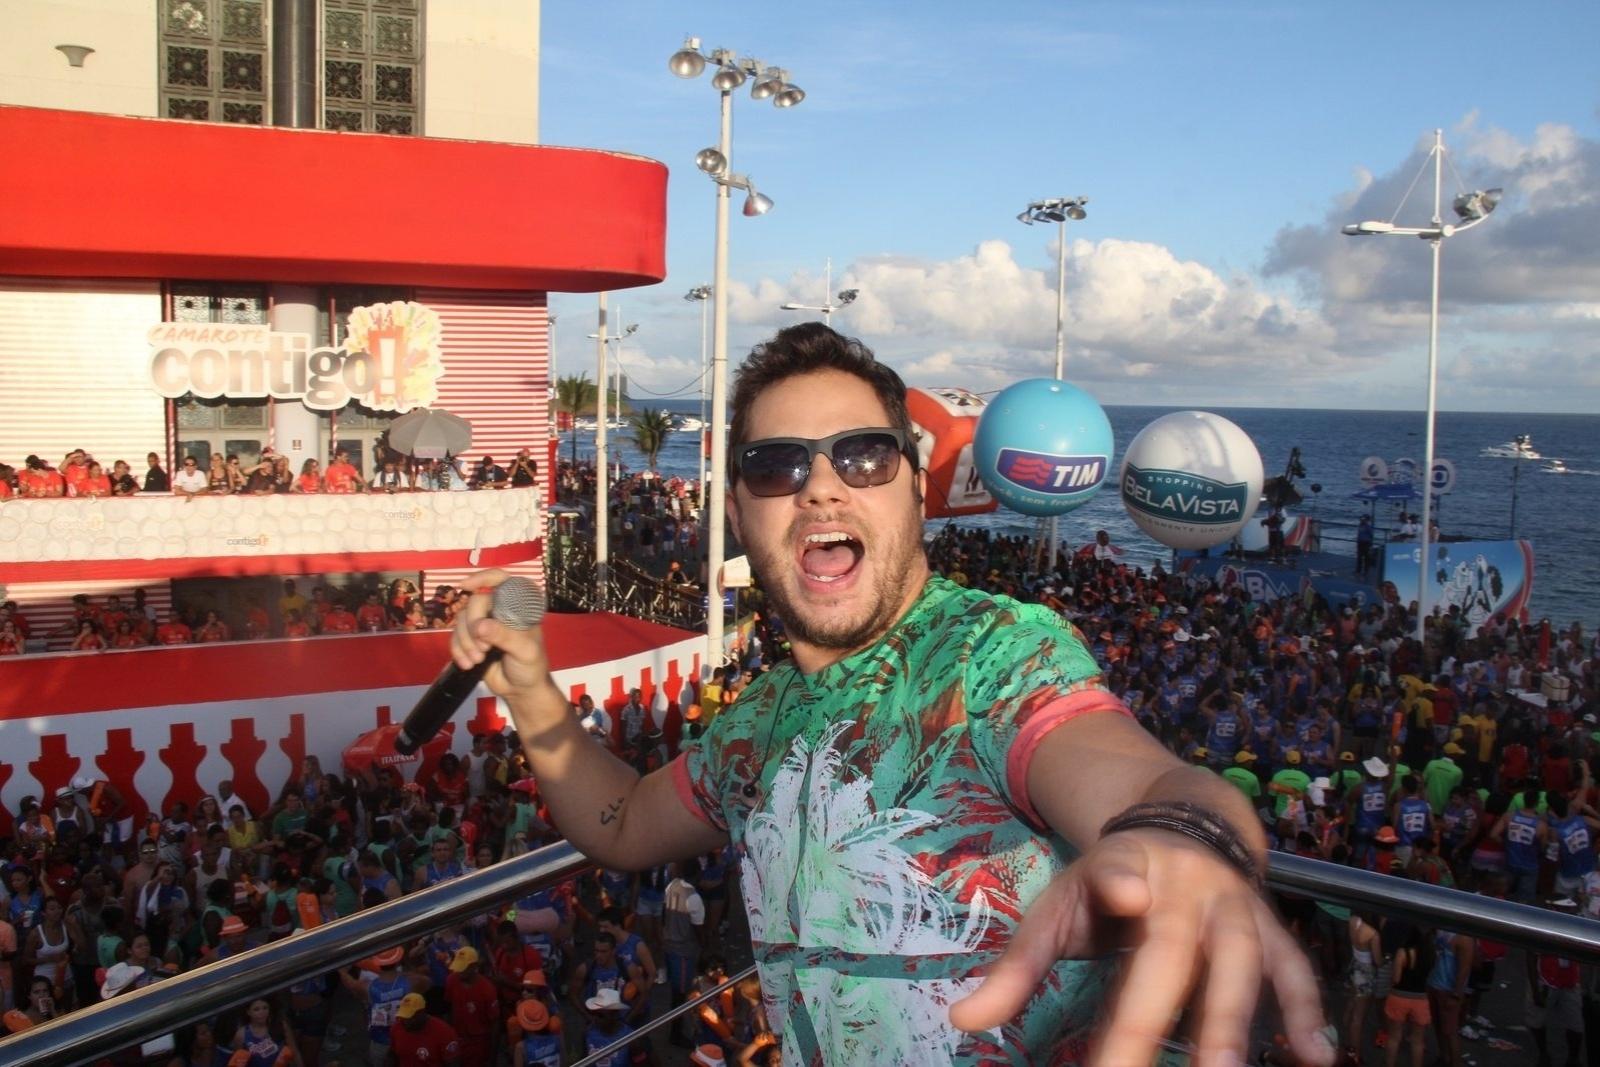 Foto do Cantor Levi Lima cantando em cima do trio elétrico do bloco Praieiro no carnaval de Salvador